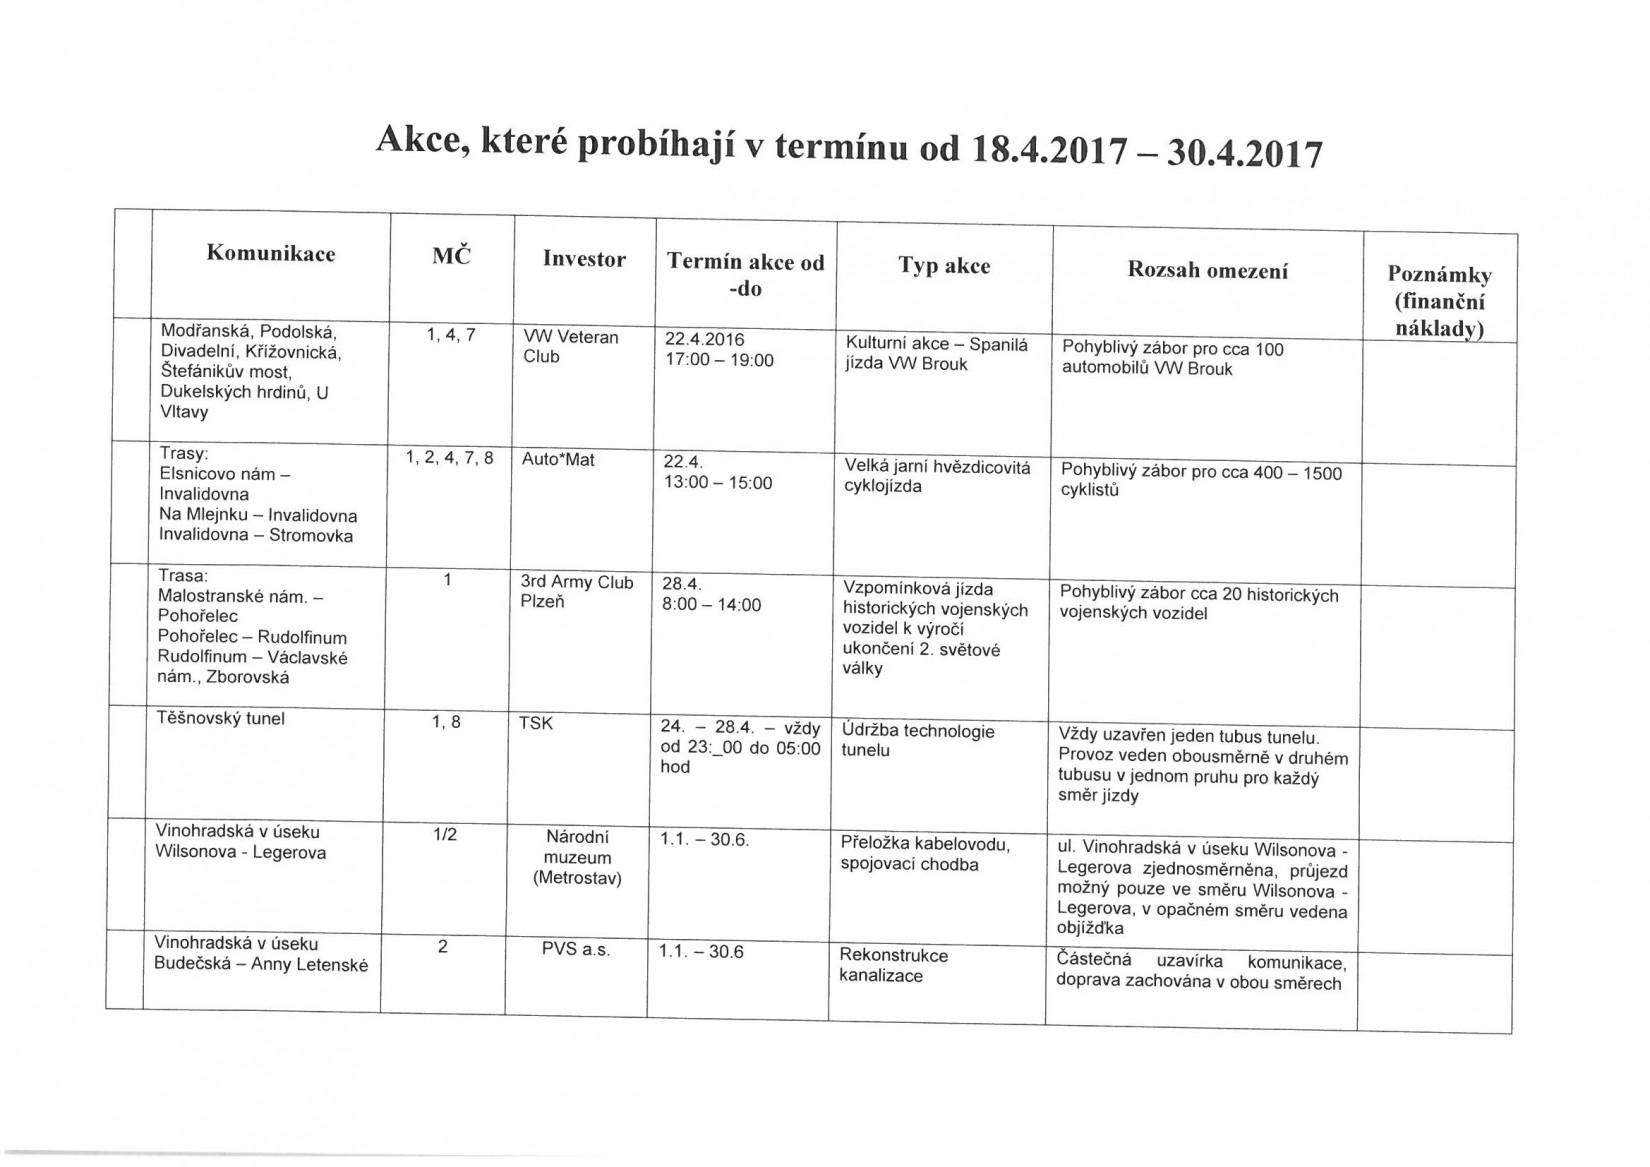 Aktualizovaná tabulka dopravních omezení v hl. m. Praze od 18.4.2017 - 30.4.2017